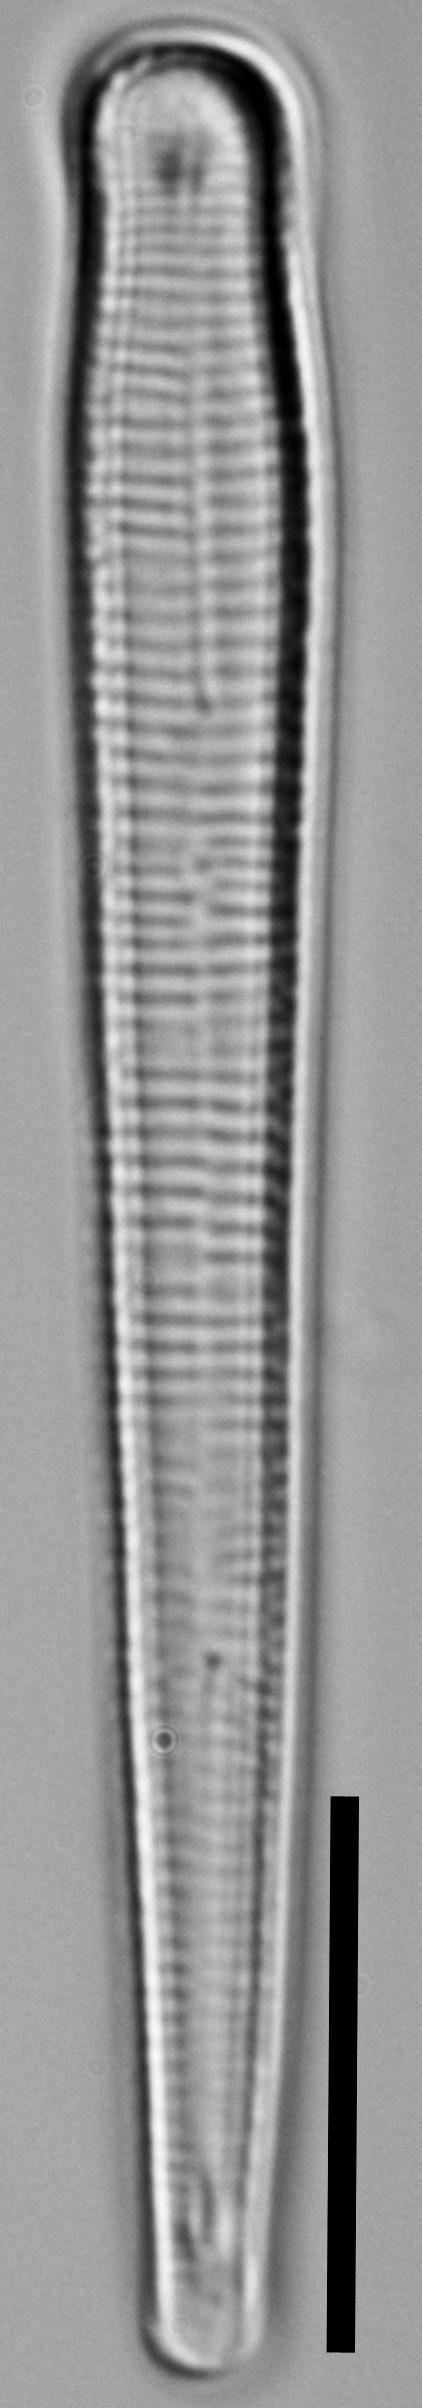 Peronia fibula LM4